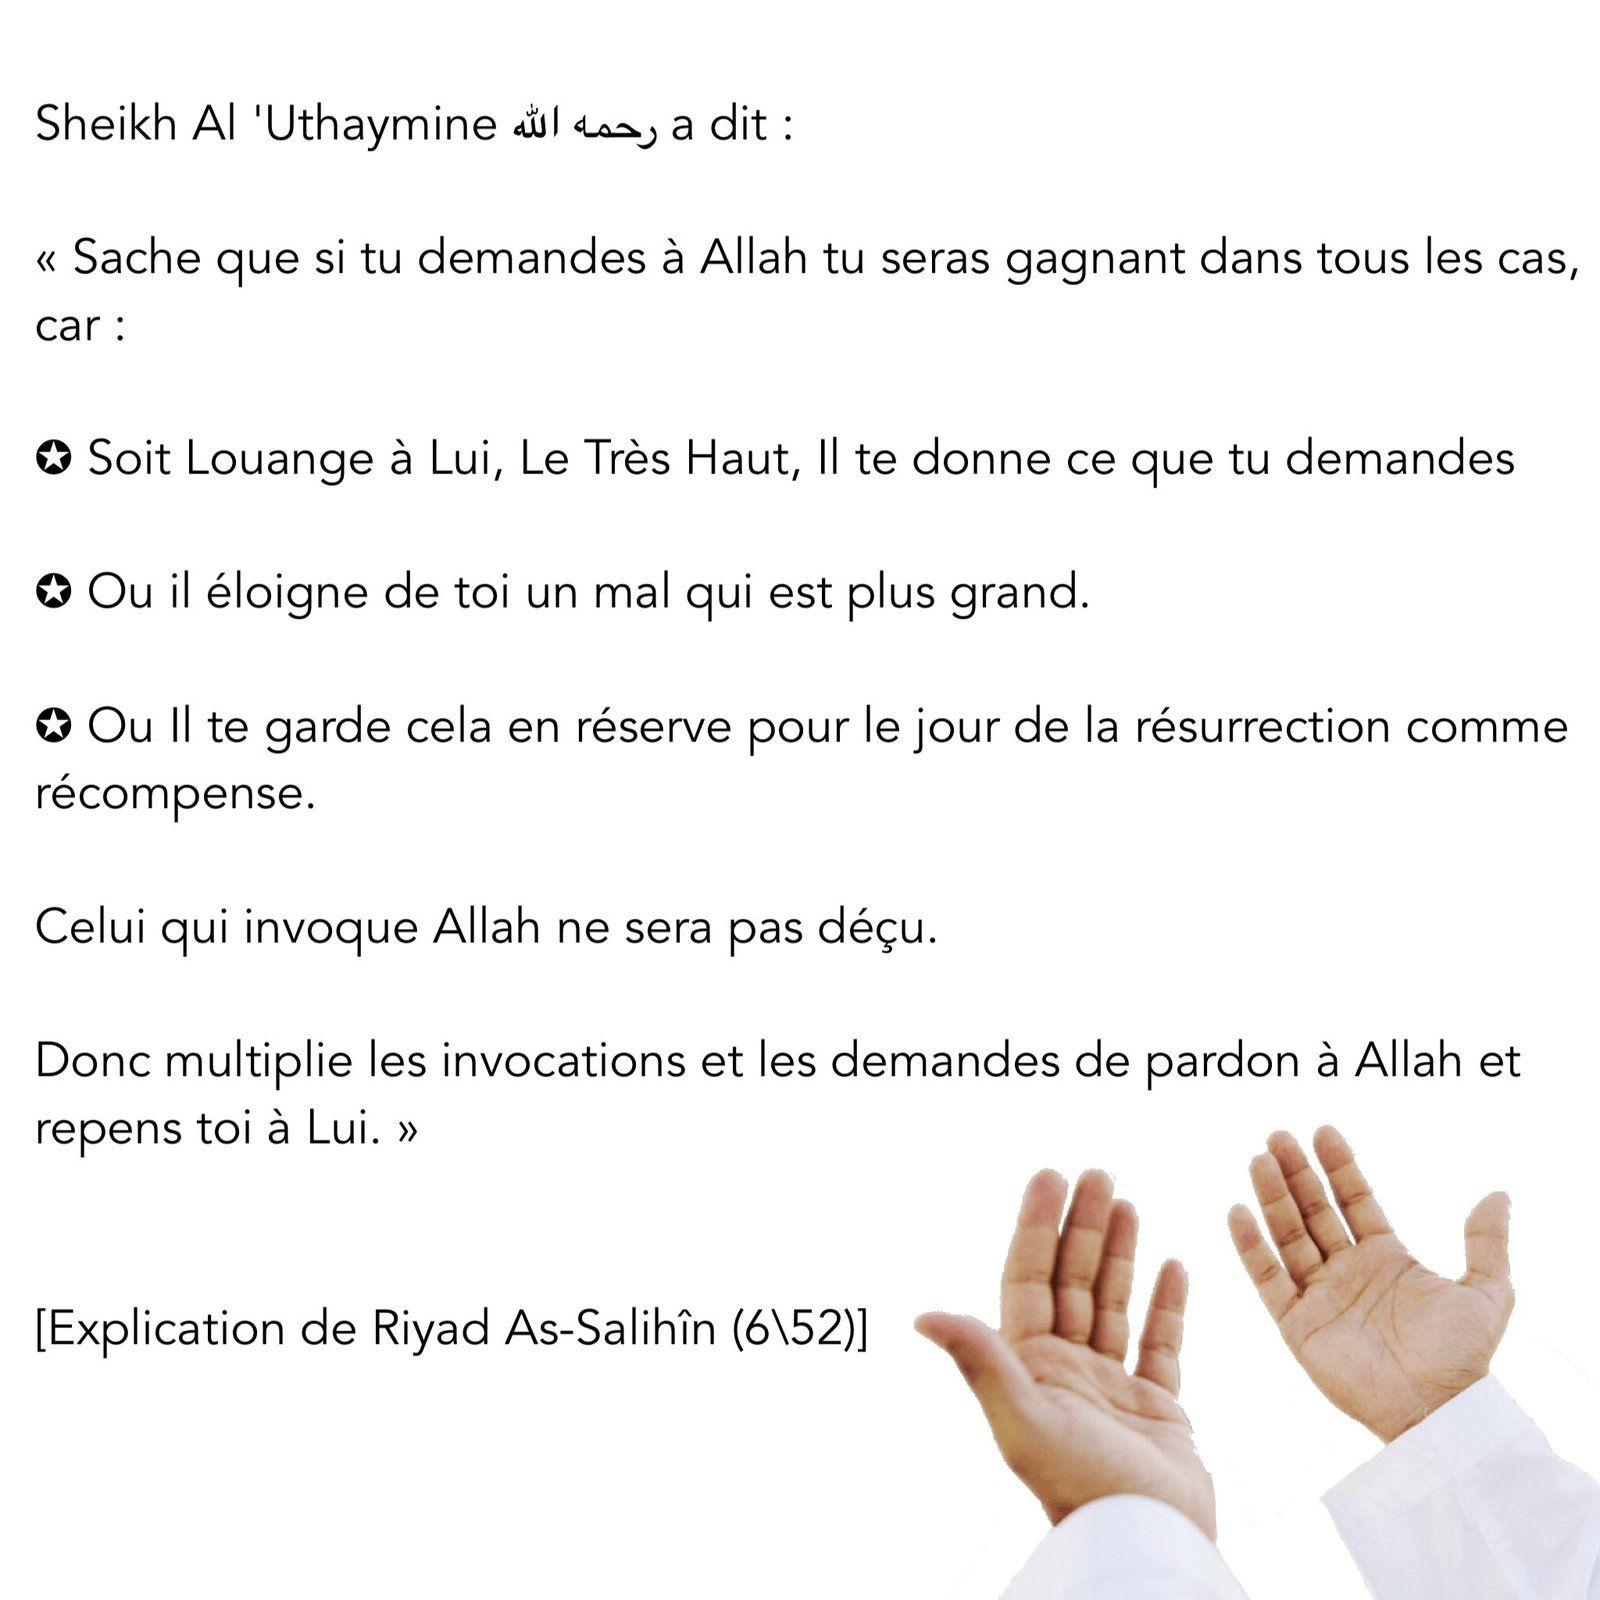 Sache que si tu demandes à Allah tu seras gagnant dans tous les cas...